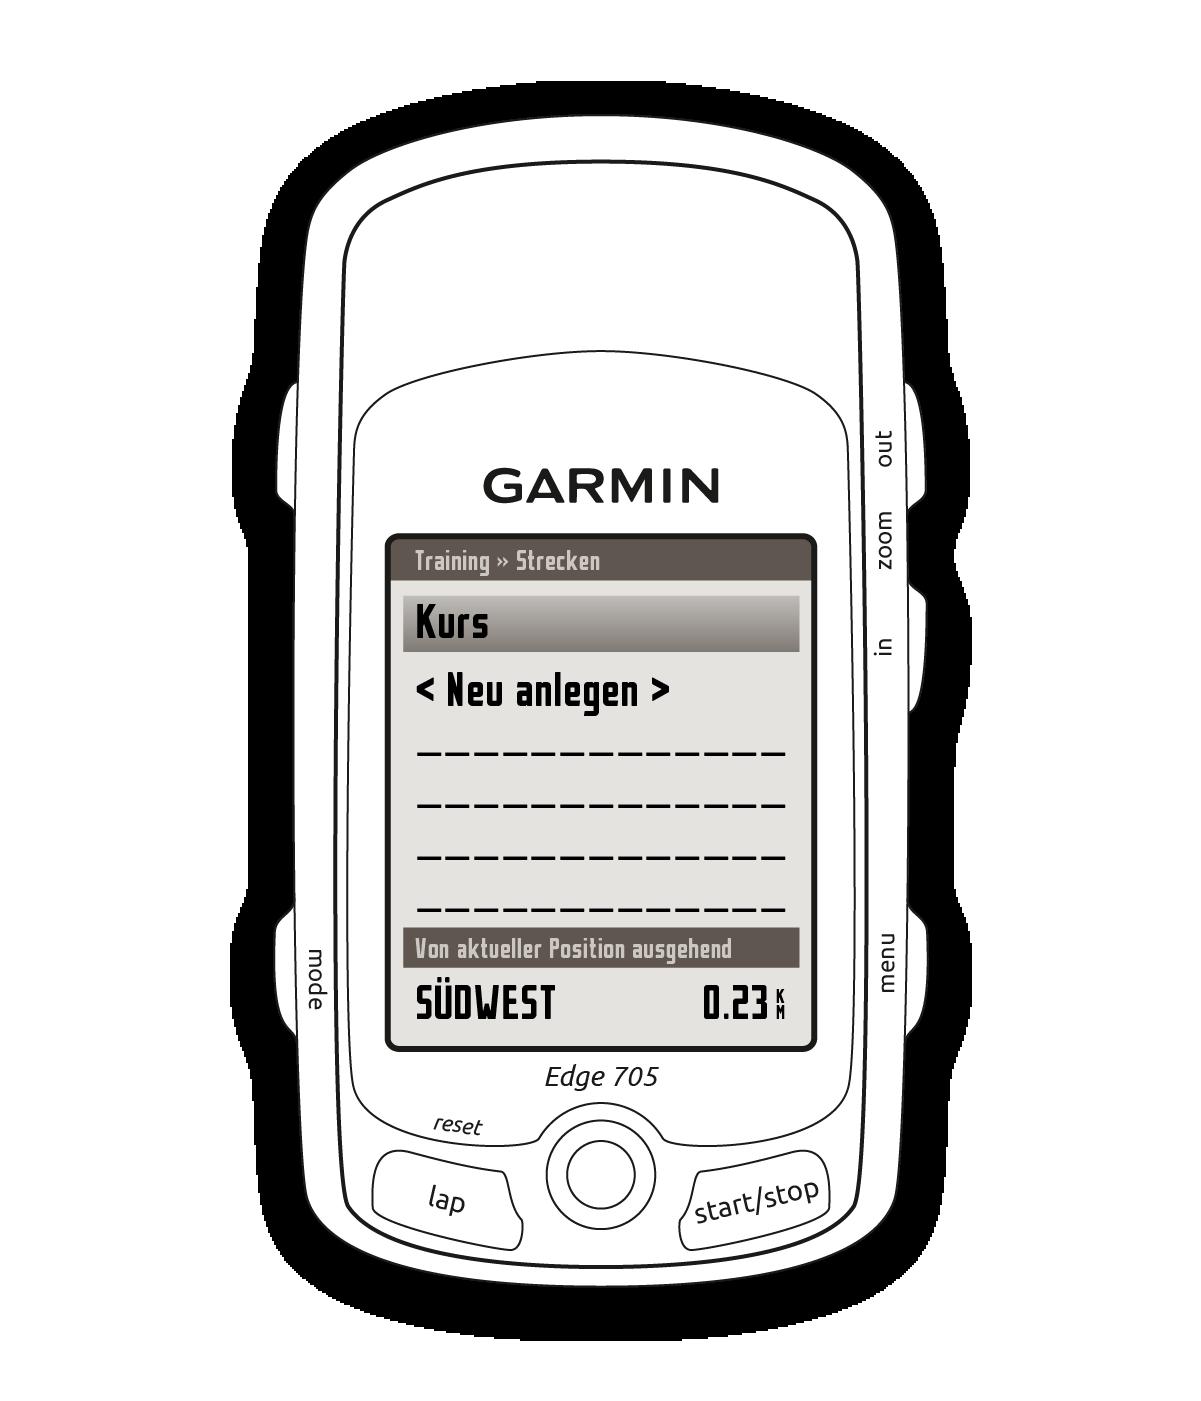 Beschreibung des Klickpfads zum Erstellen von Strecken auf Basis von aufgezeichneten Routen mit dem Garmin Edge 705